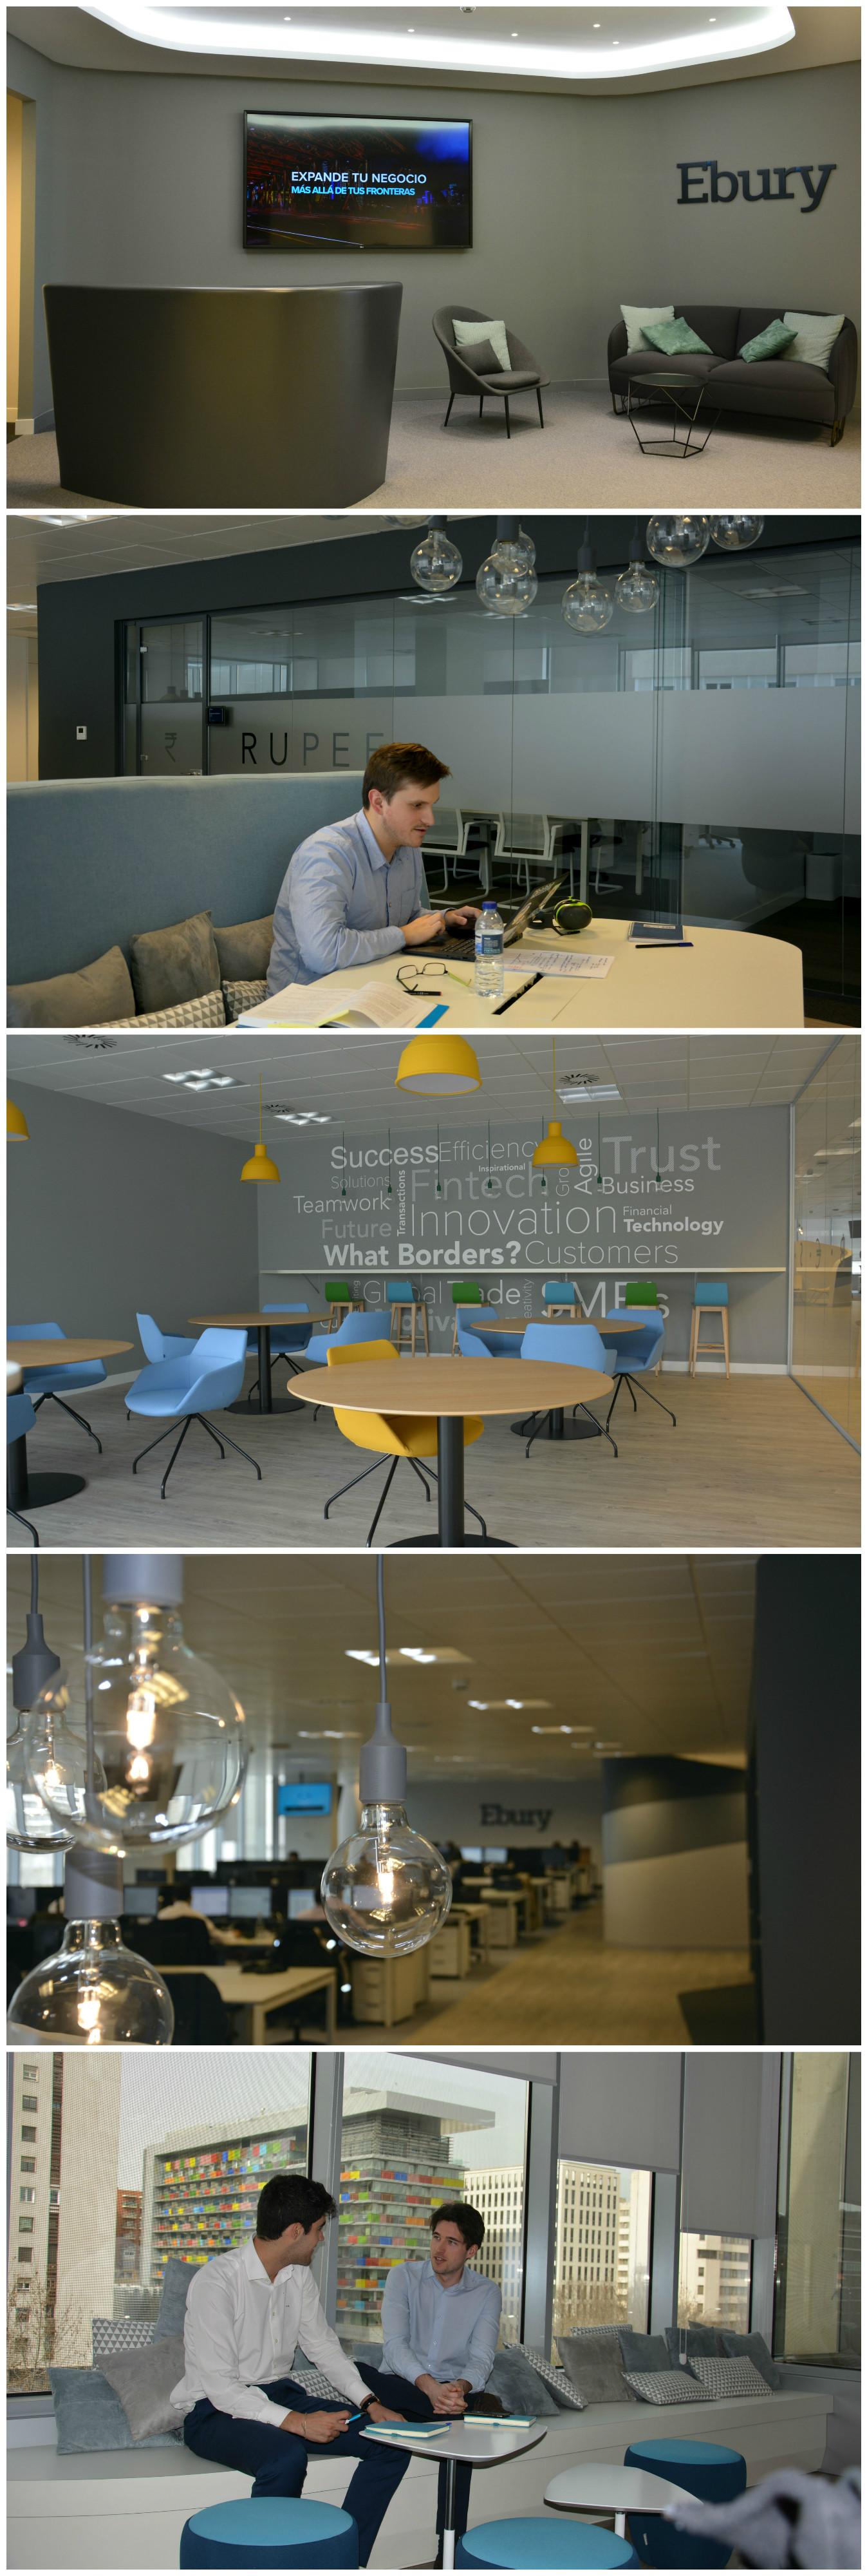 FotorCreated_madrid office